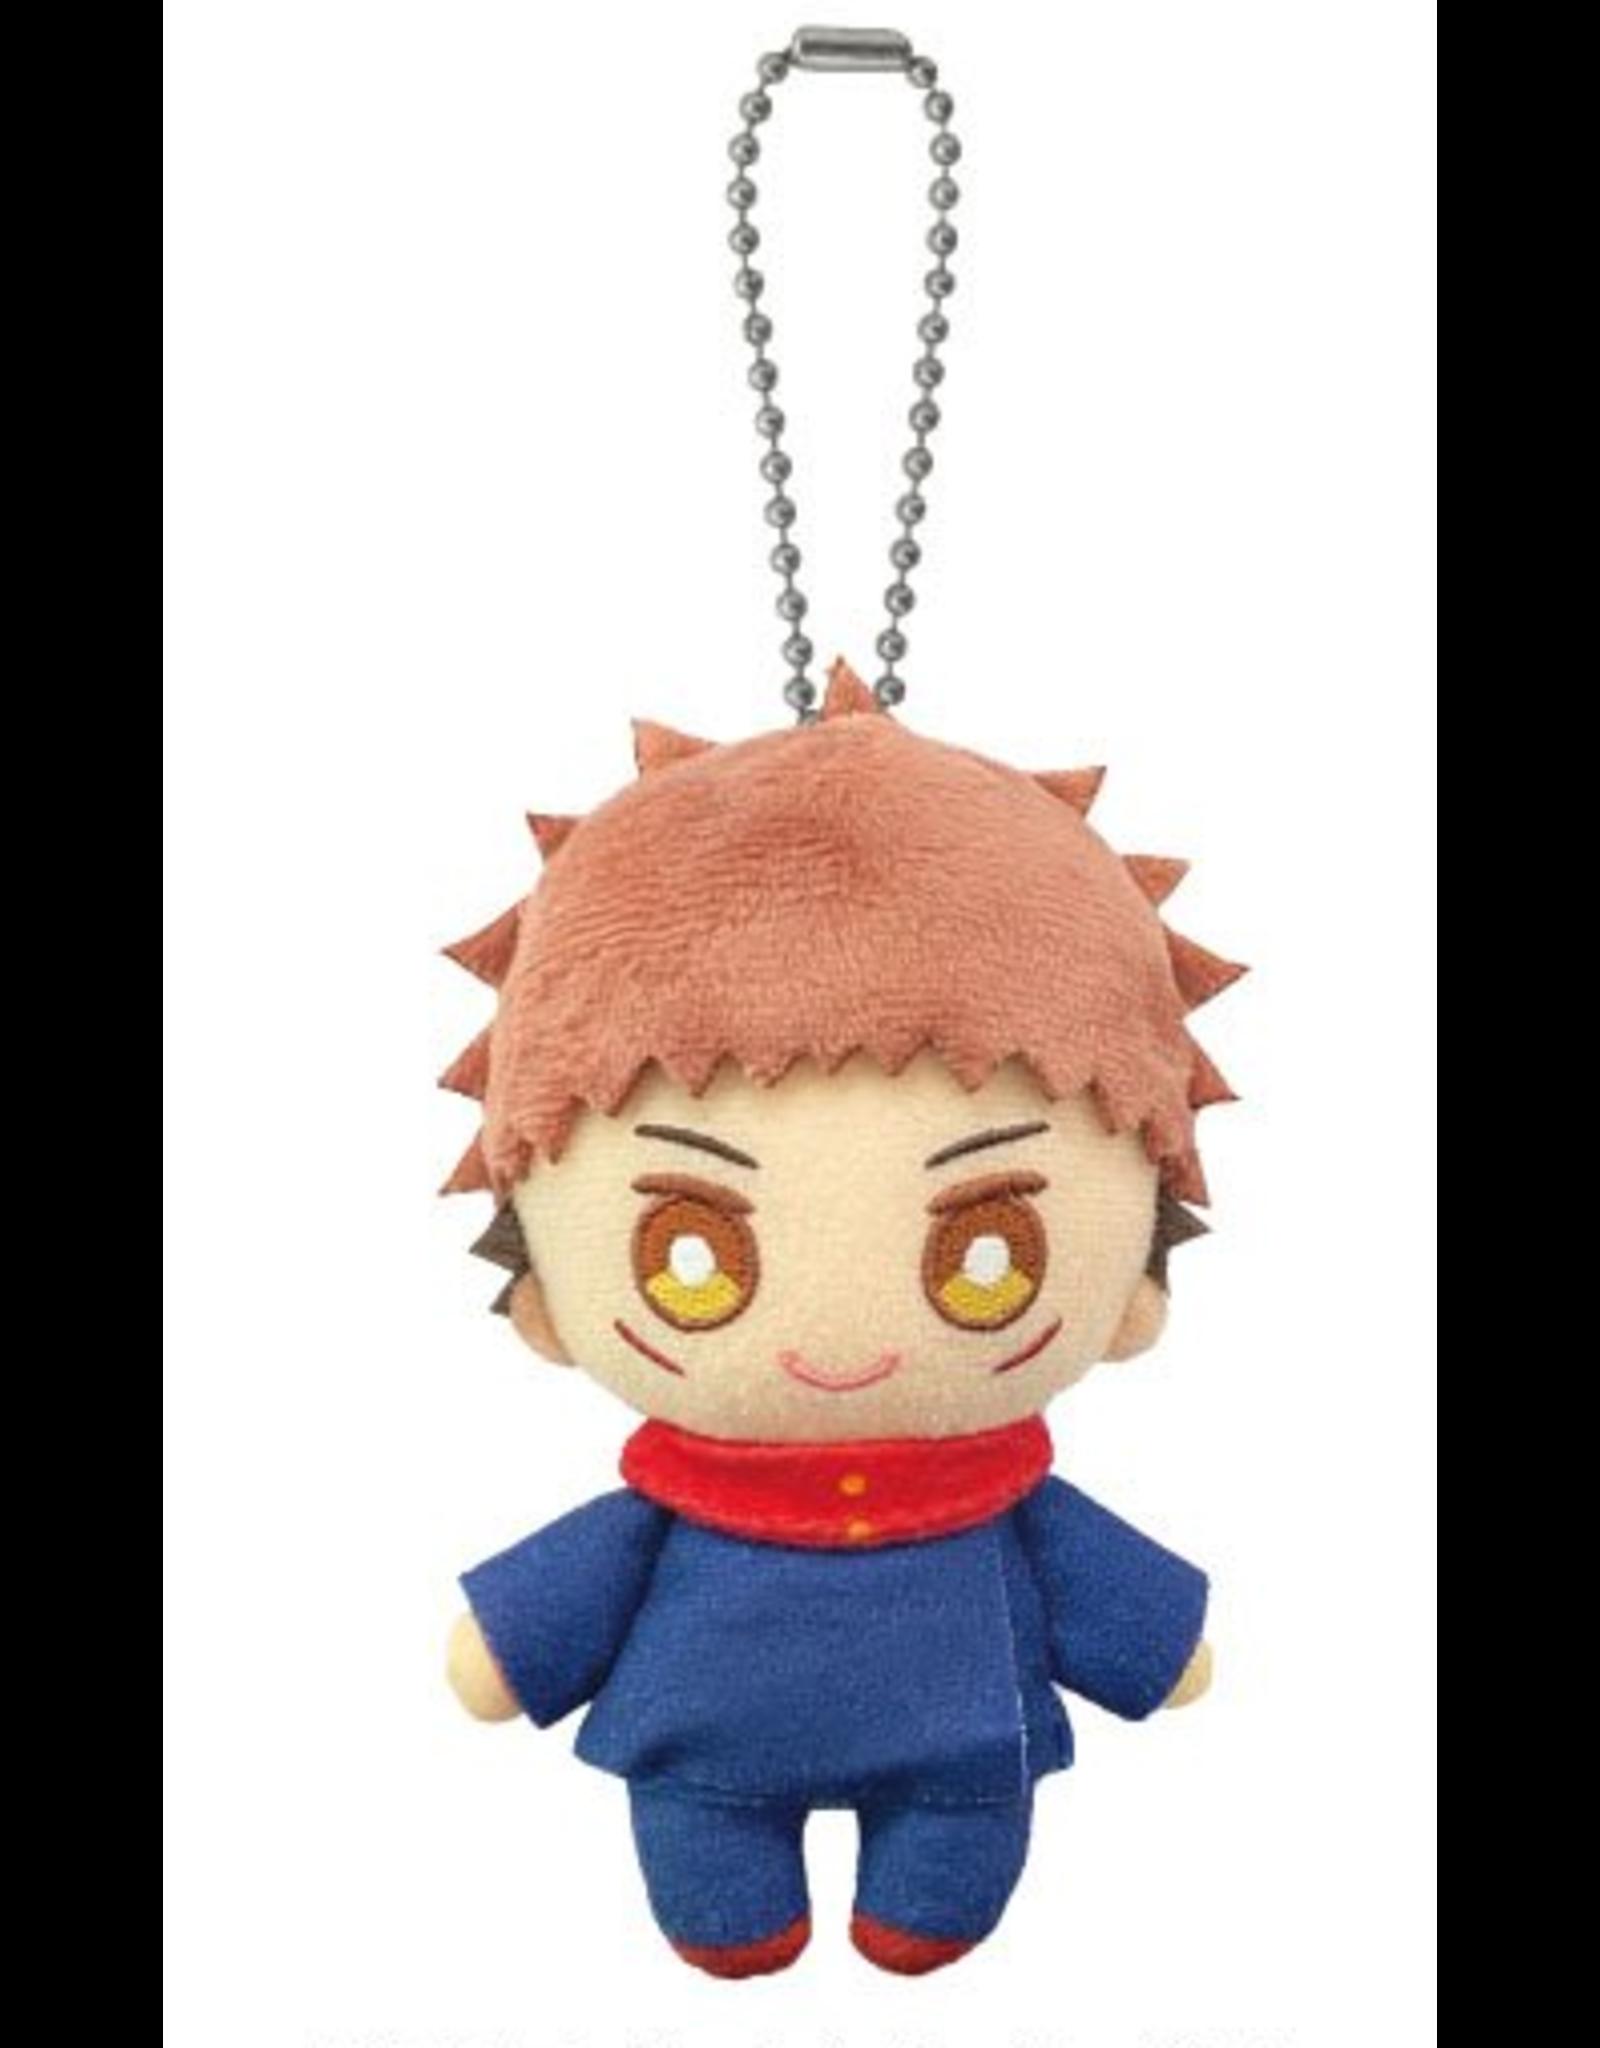 Jujutsu Kaisen - Yuji Itadori - Ball Chain Mascot Plush - 11 cm